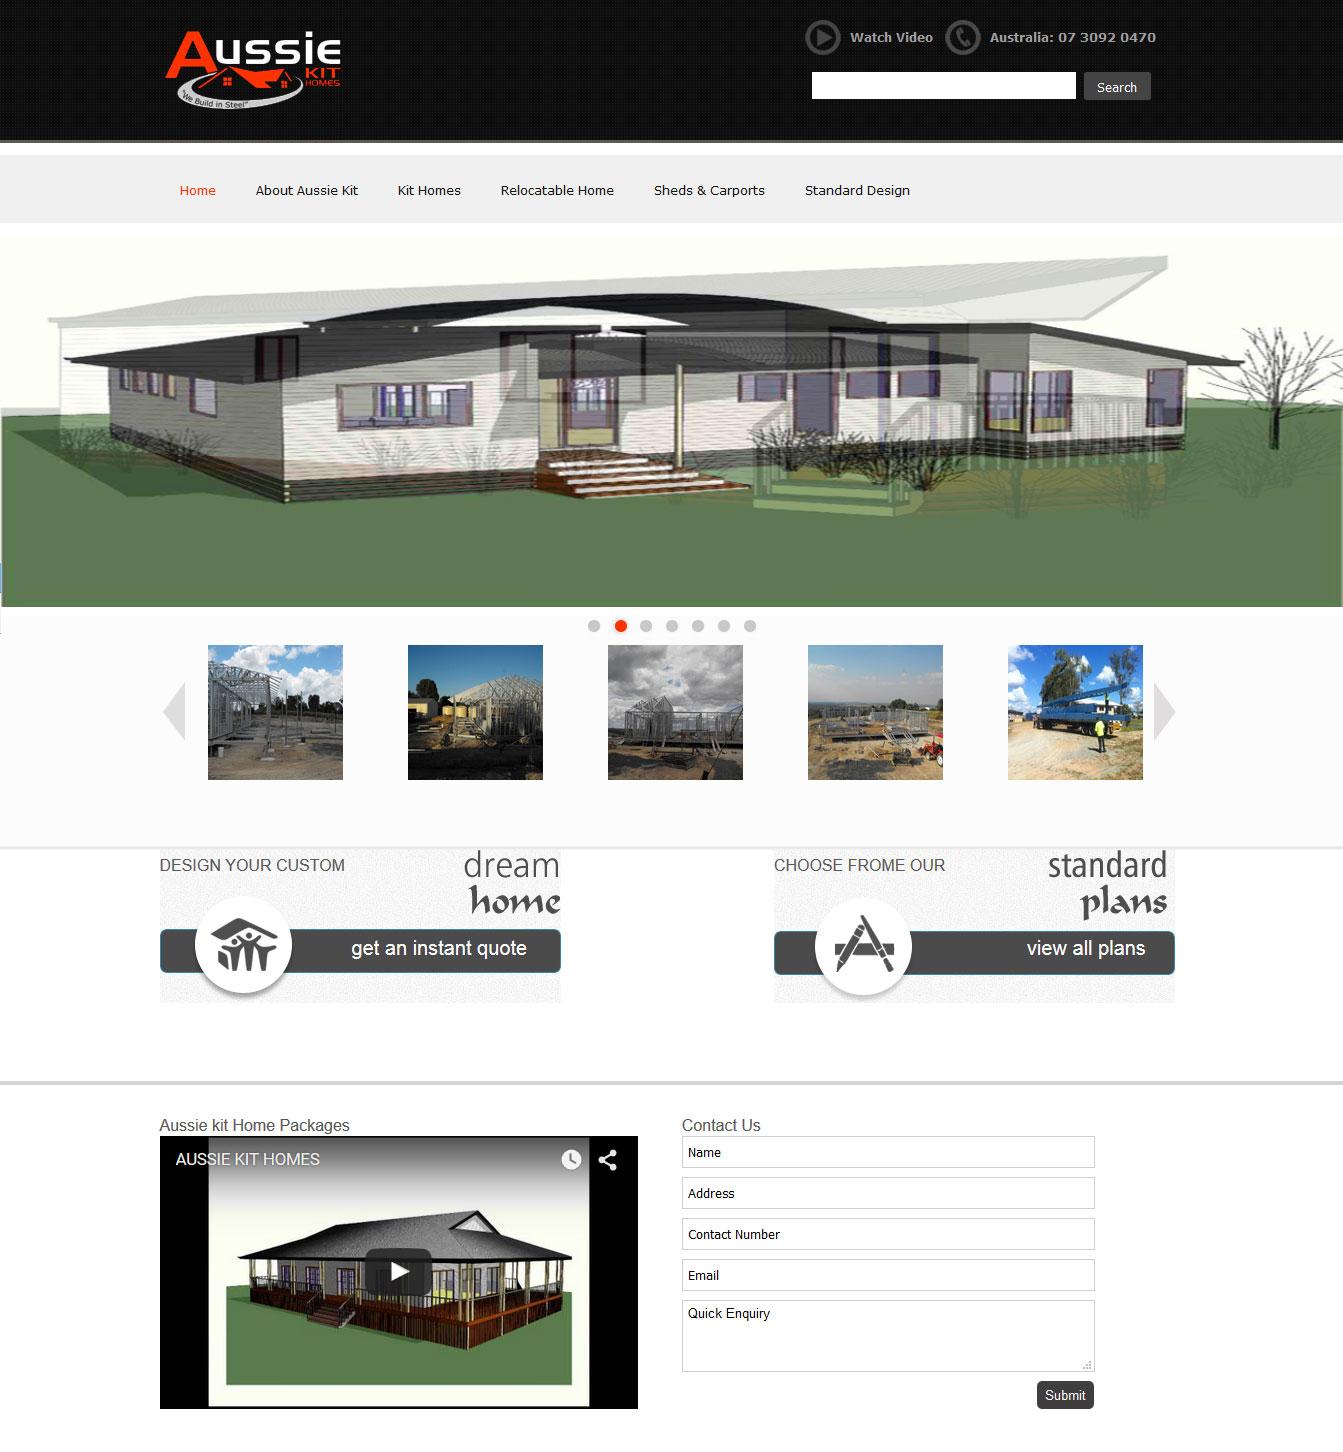 Aussie Kit Homes